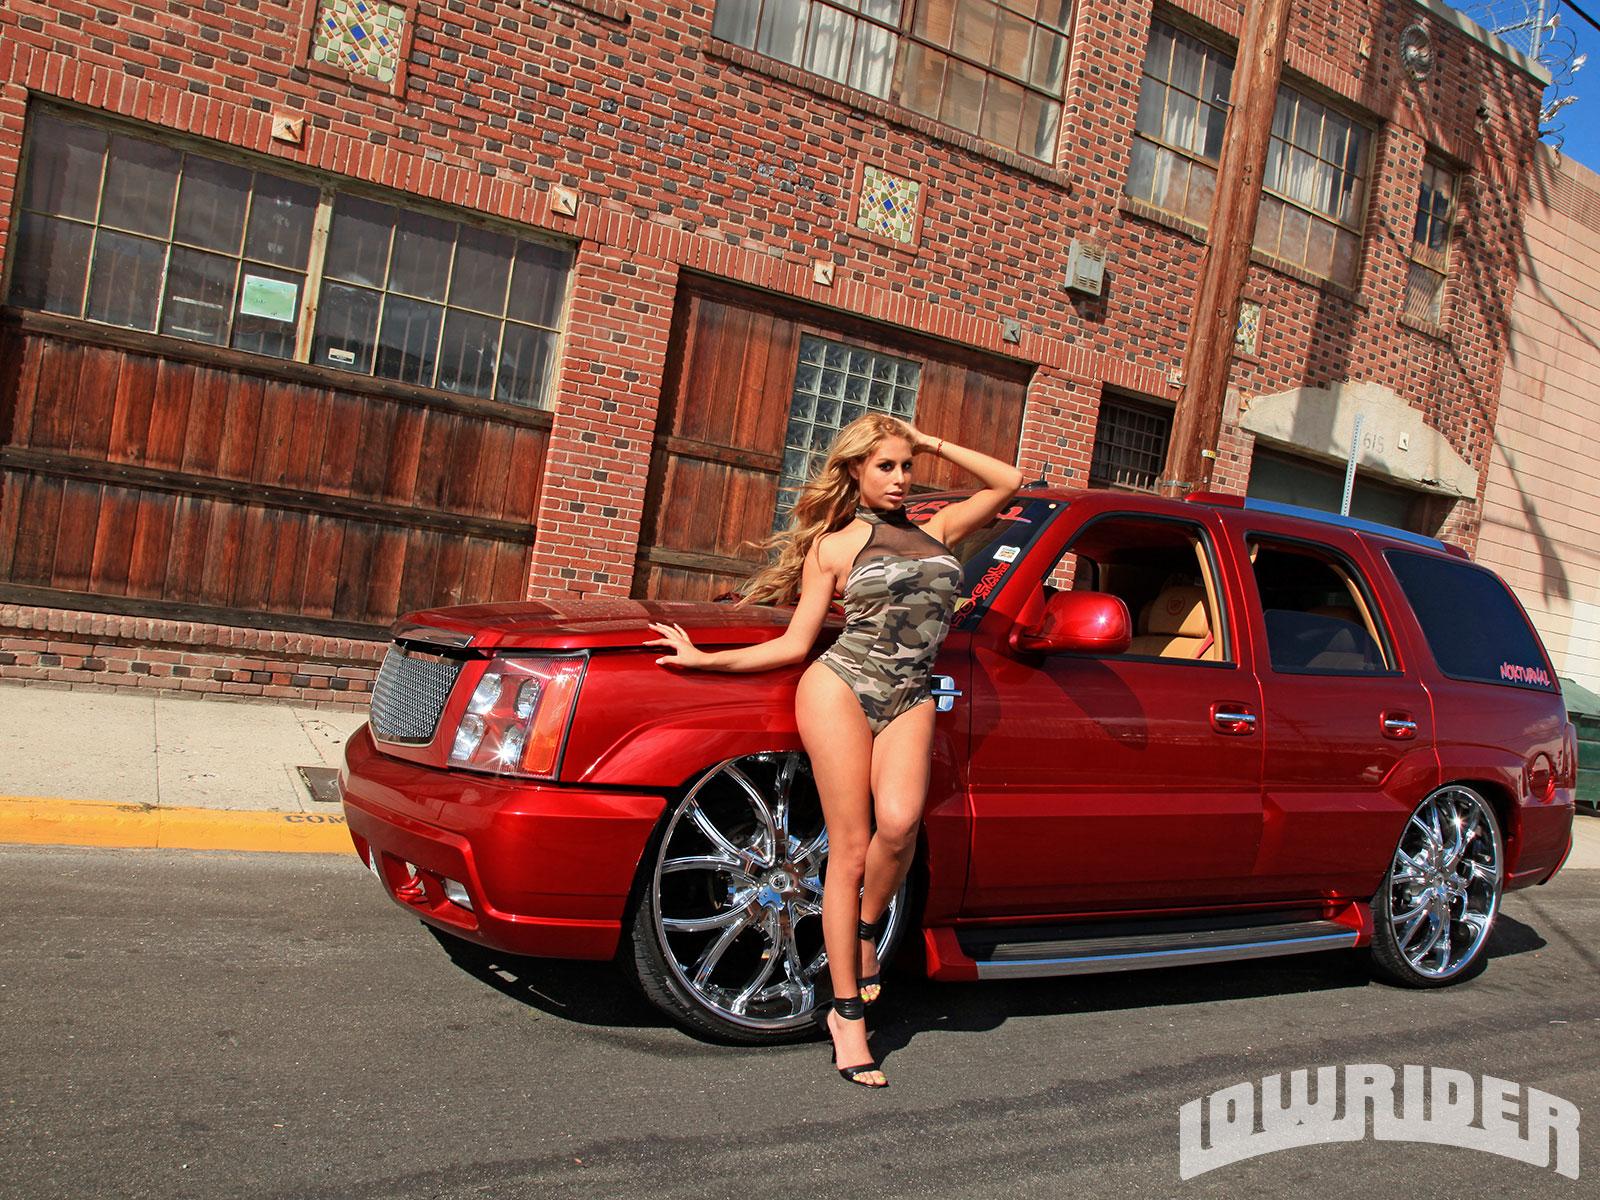 2002 Cadillac Escalade, hoto credits: Lowrider.com